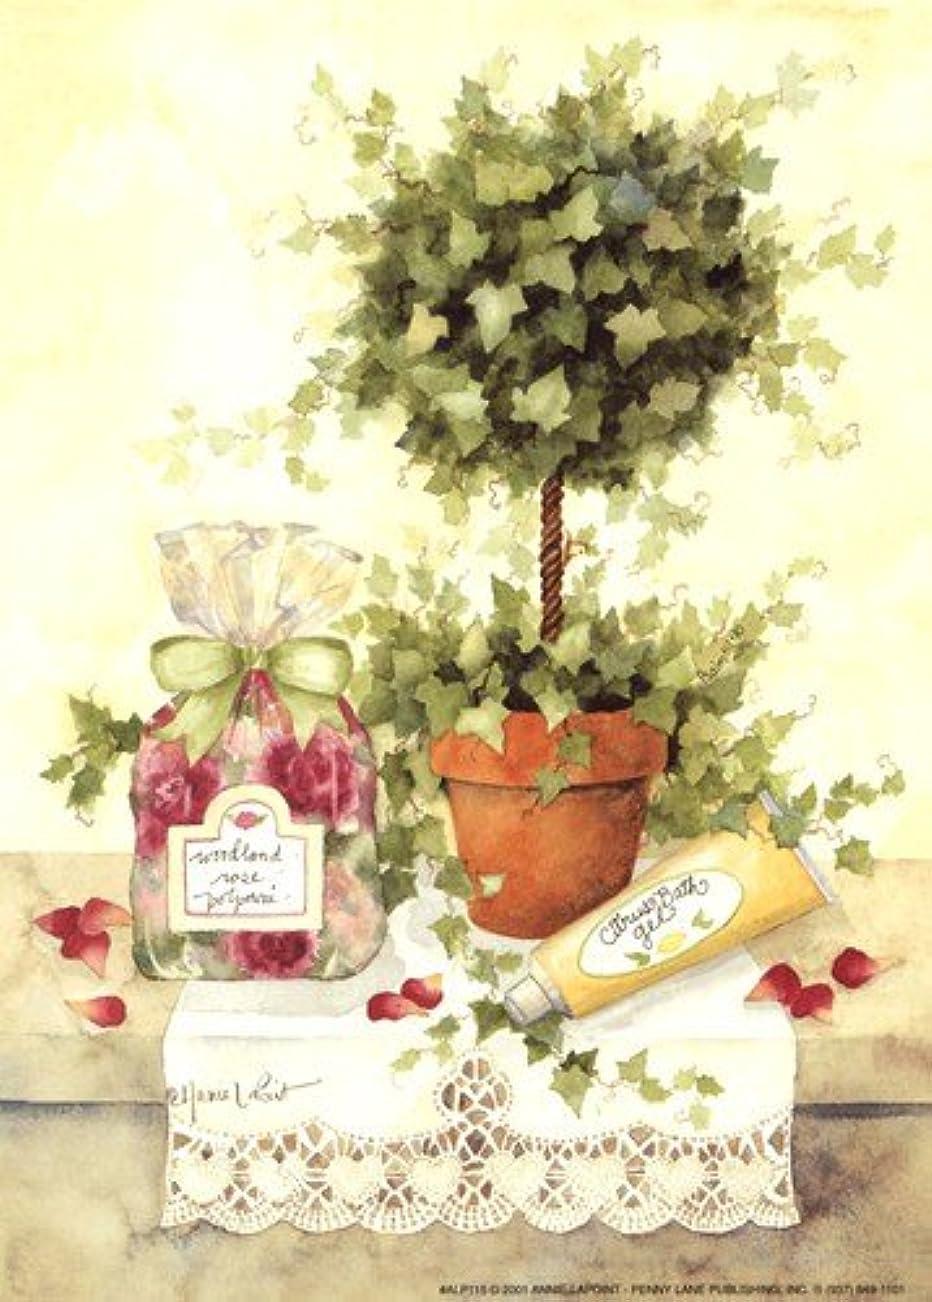 全員ゴムアンタゴニストシトラスBath Gel by Annie LaPoint – 5 x 7インチ – アートプリントポスター LE_74557